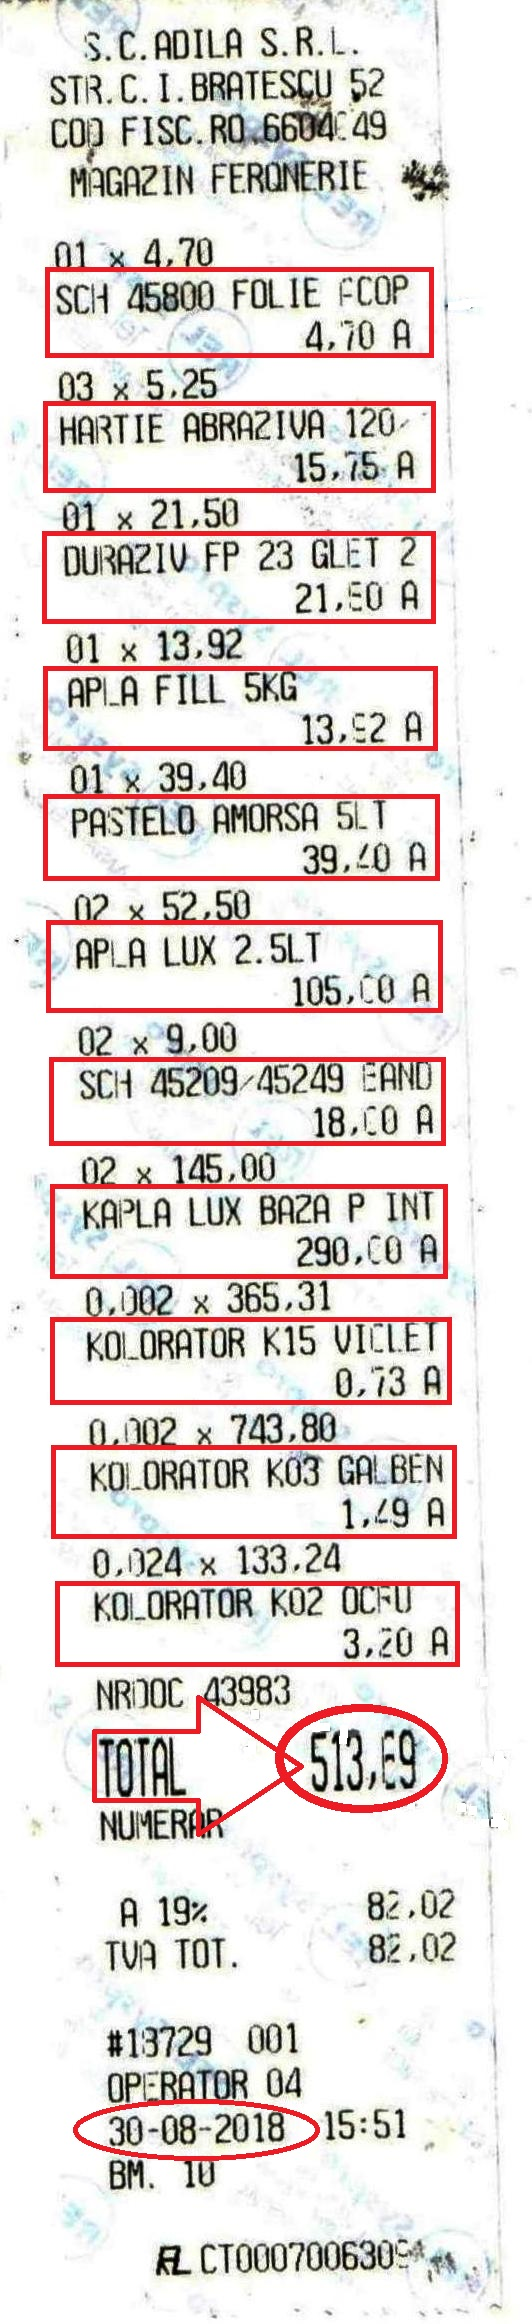 Bon fiscal, în valoare de 513,69, pentru plata altor materiale necesare renovării clasei, bani achitați de părinții elevilor.